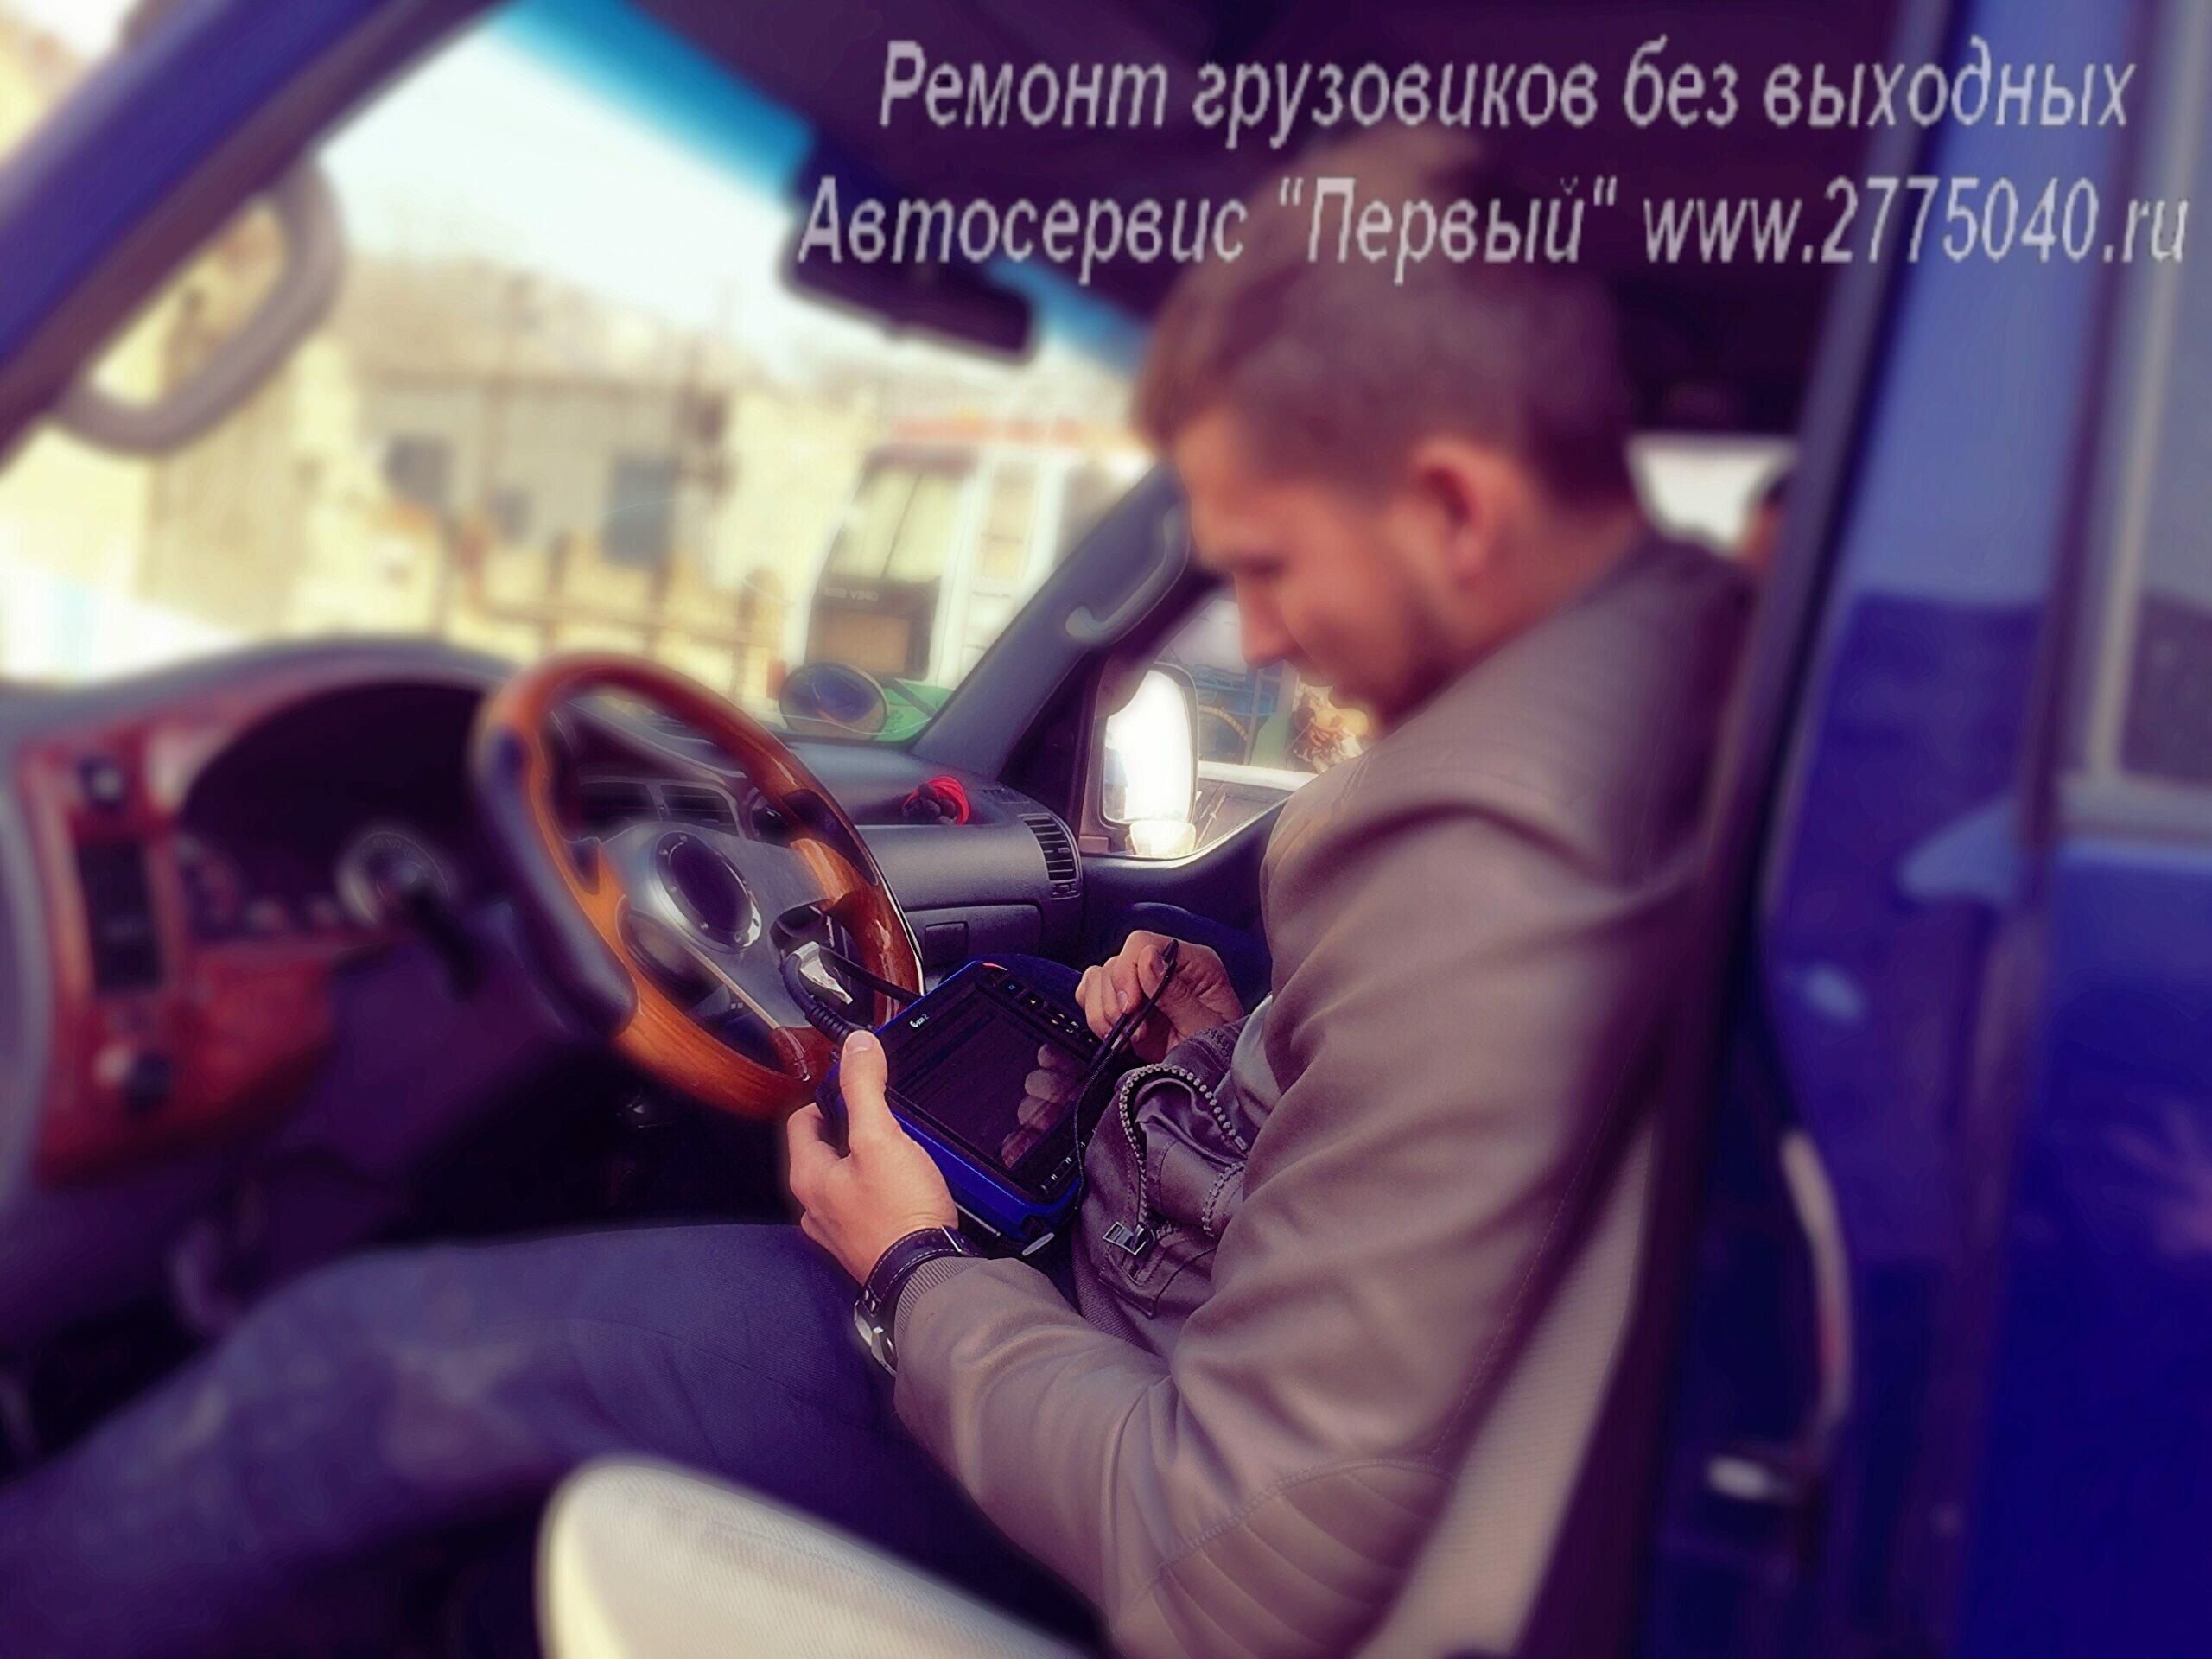 Диагностика сканером Hyundai Porter (Хендай Портер). Автосервис » Первый «. Владивосток